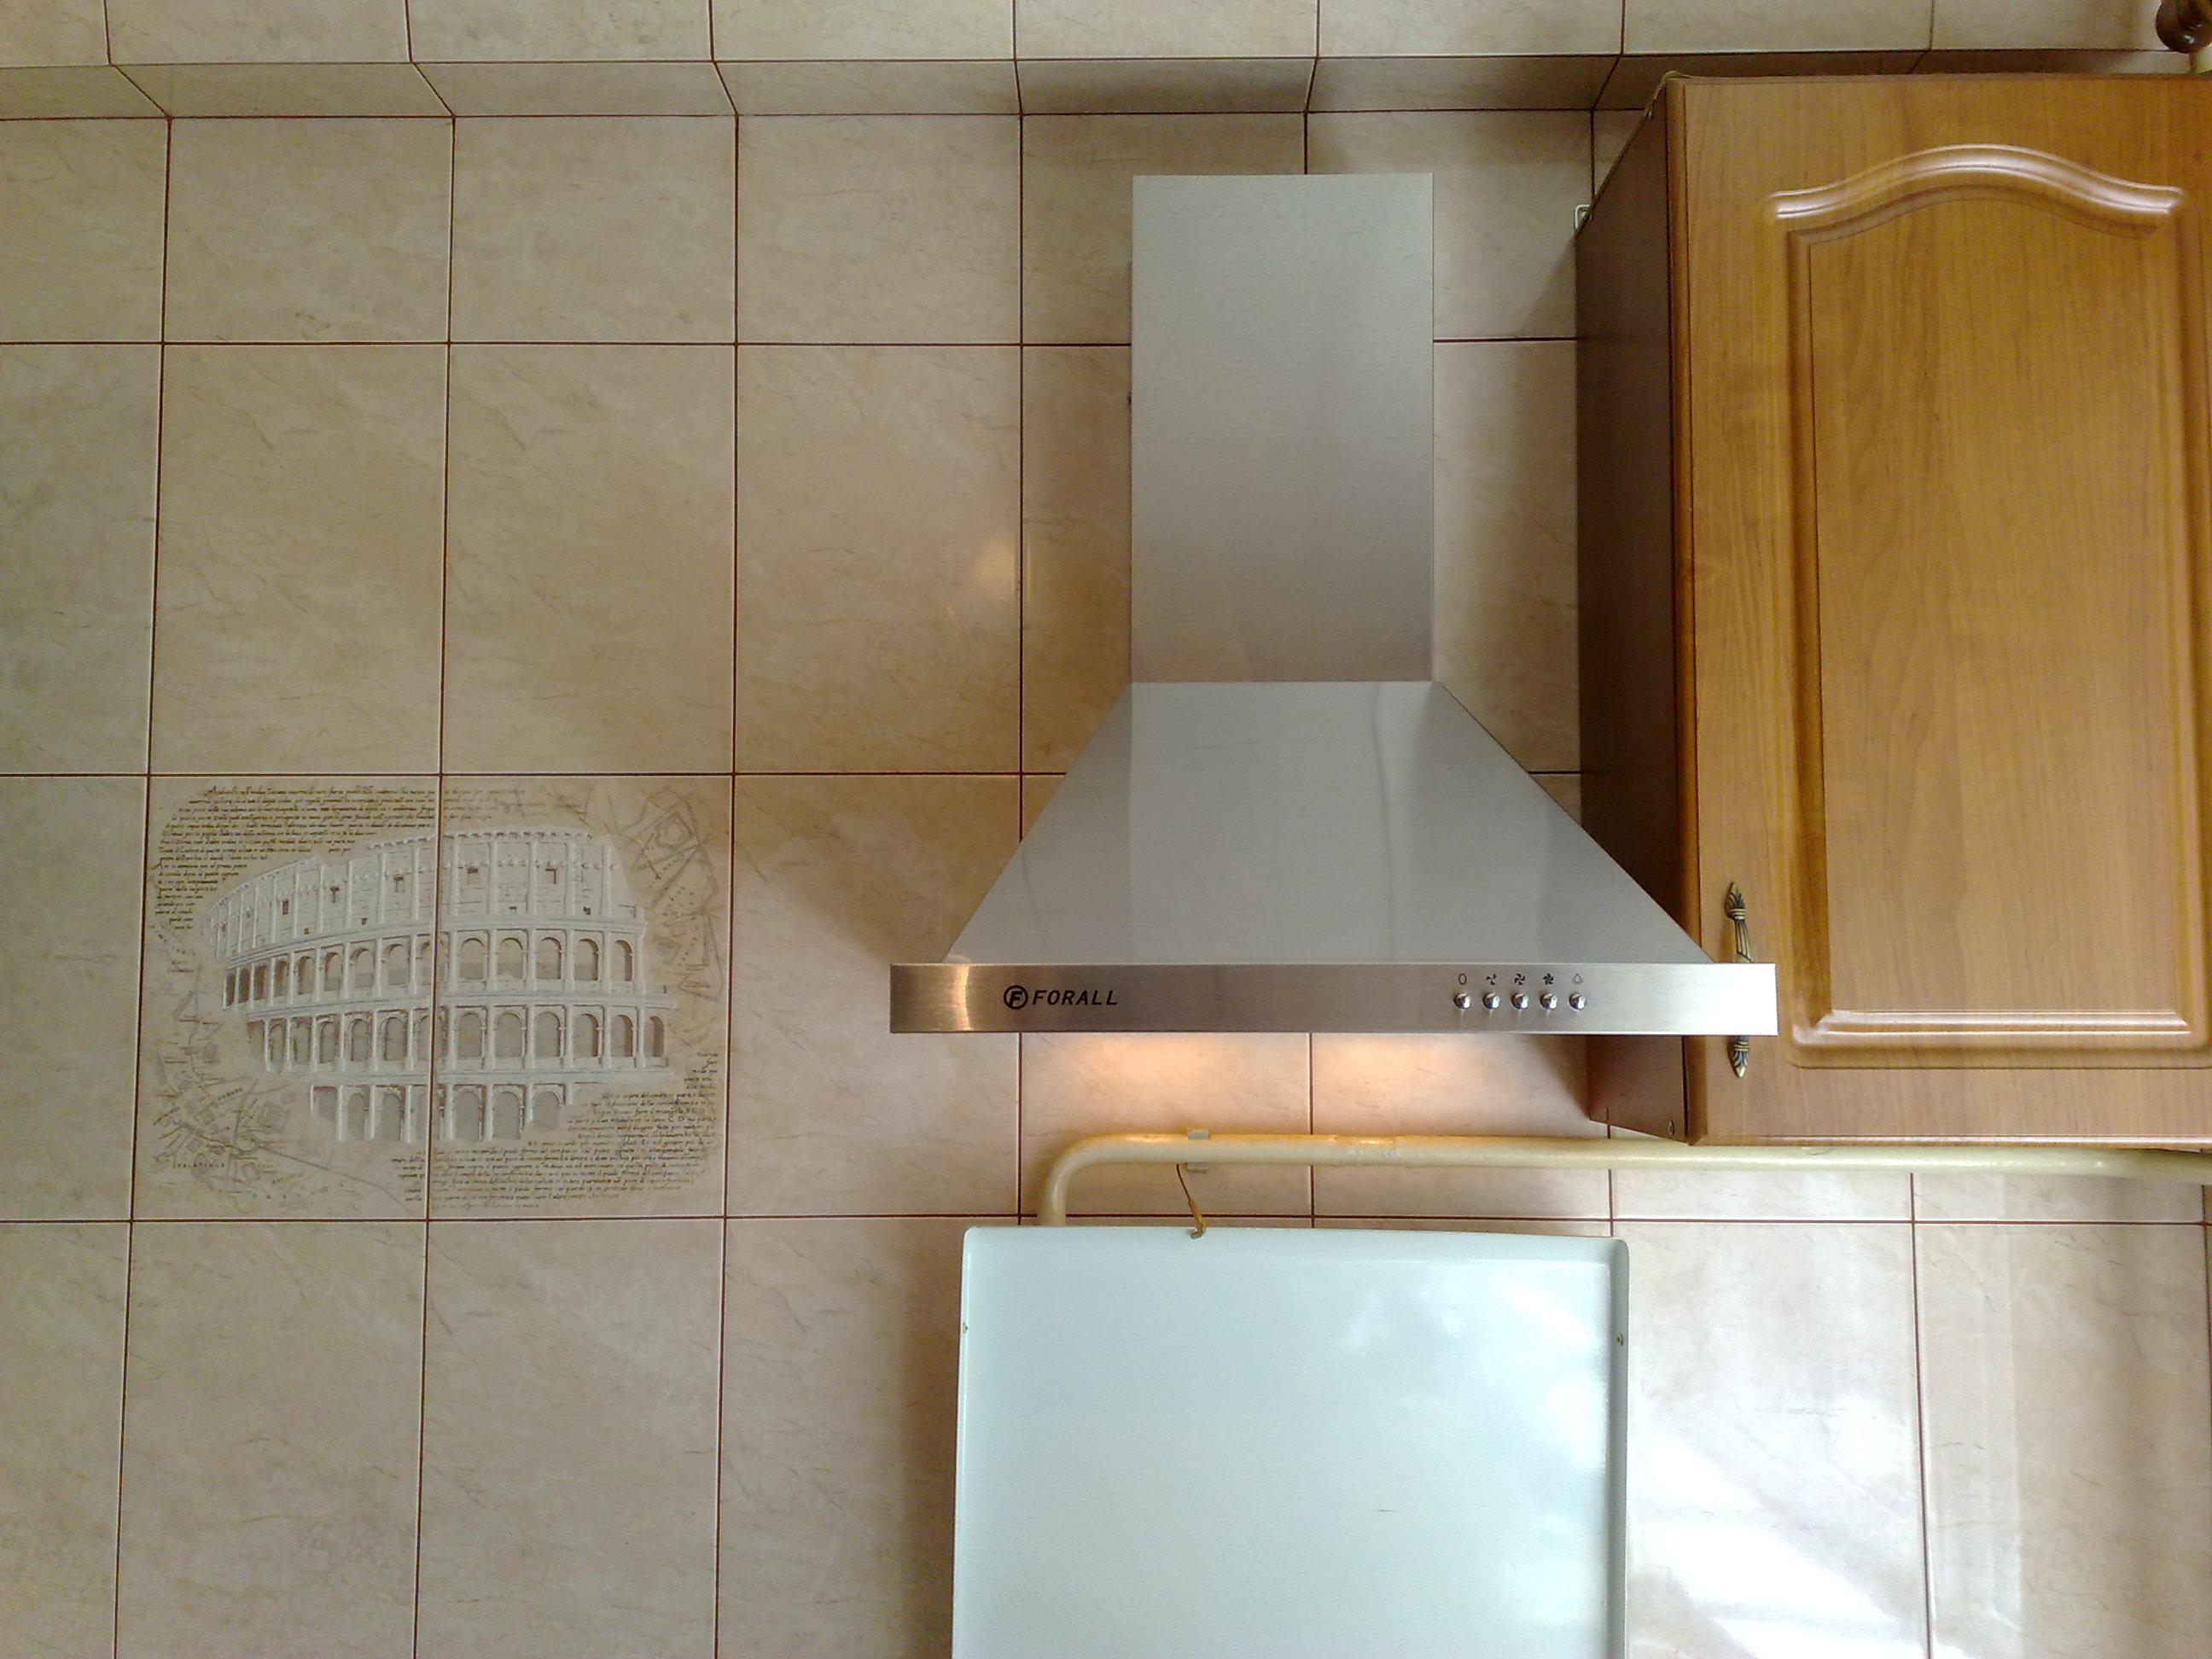 Вентиляция кухни: некоторые особенности